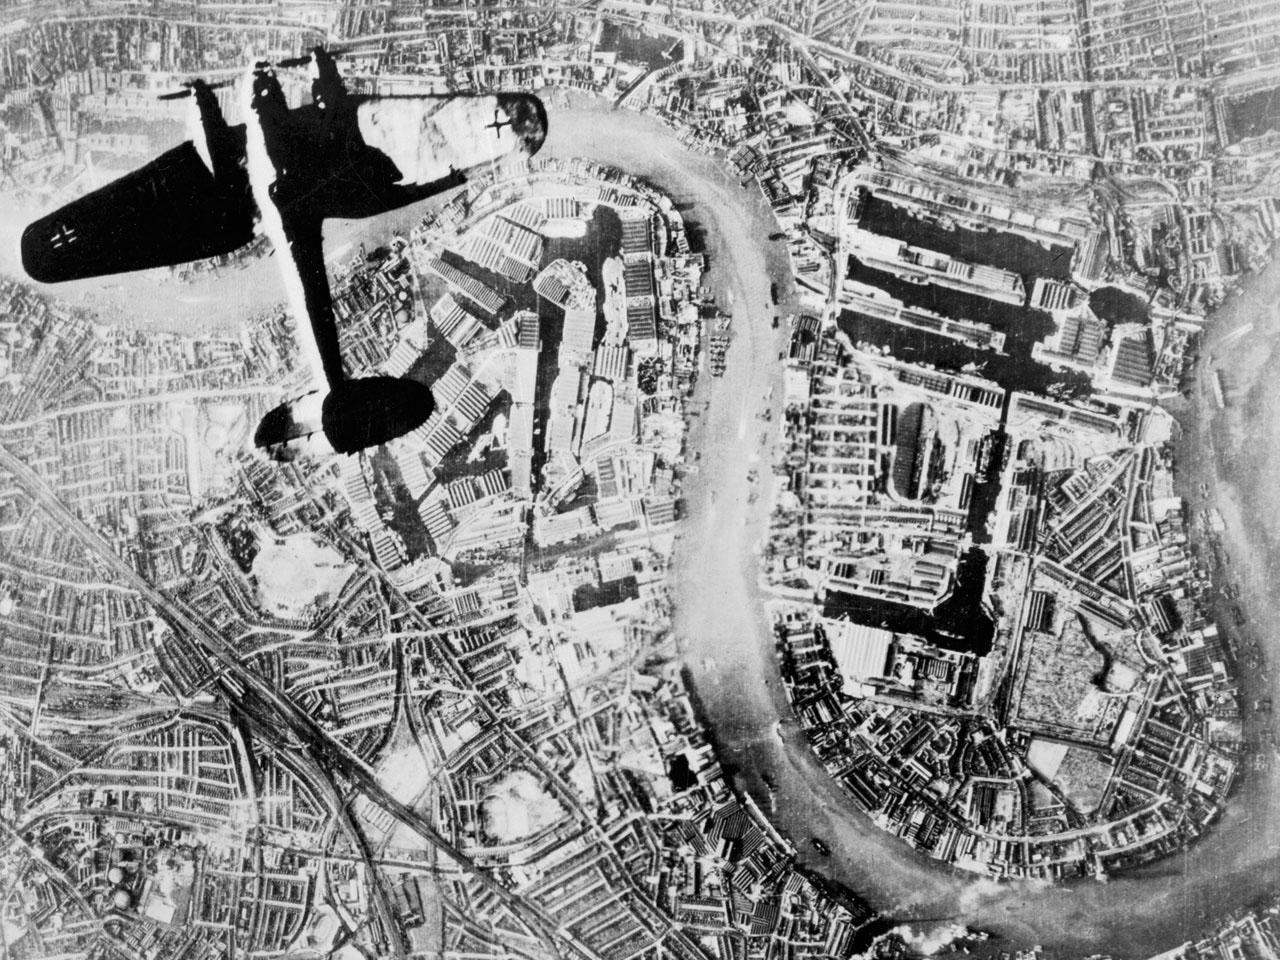 Heinkel 111 sobre los meandros del Támesis en Wapping